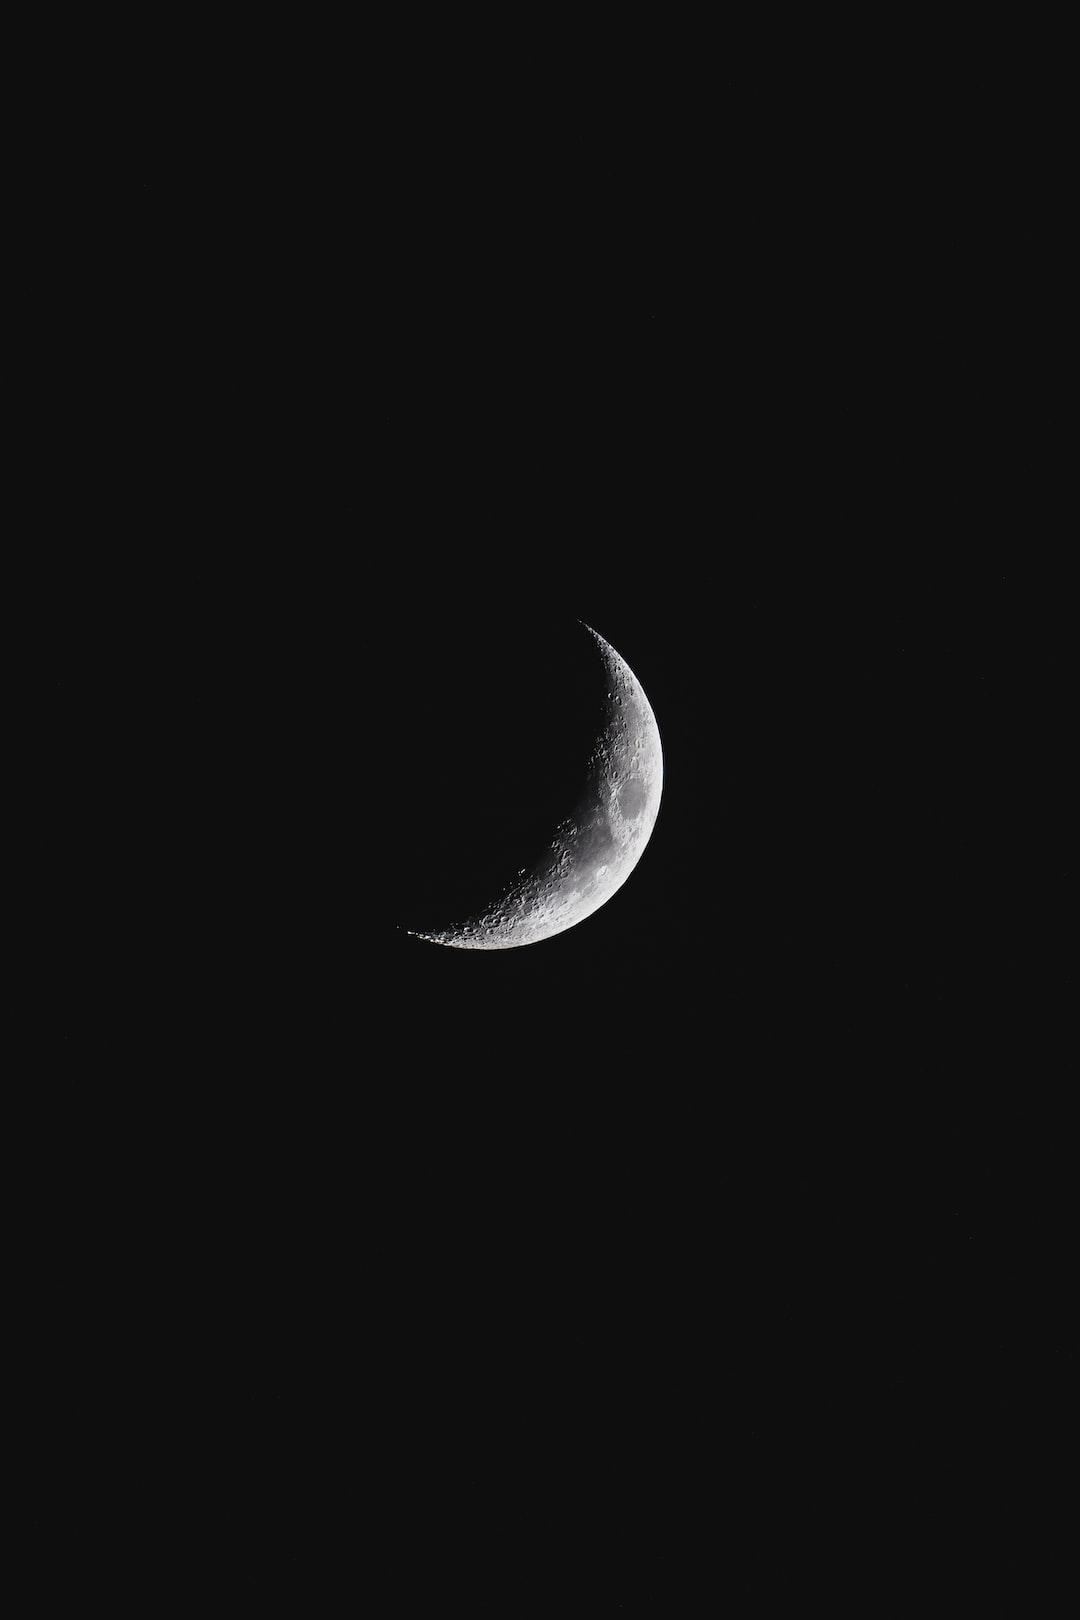 Half moon shining bright